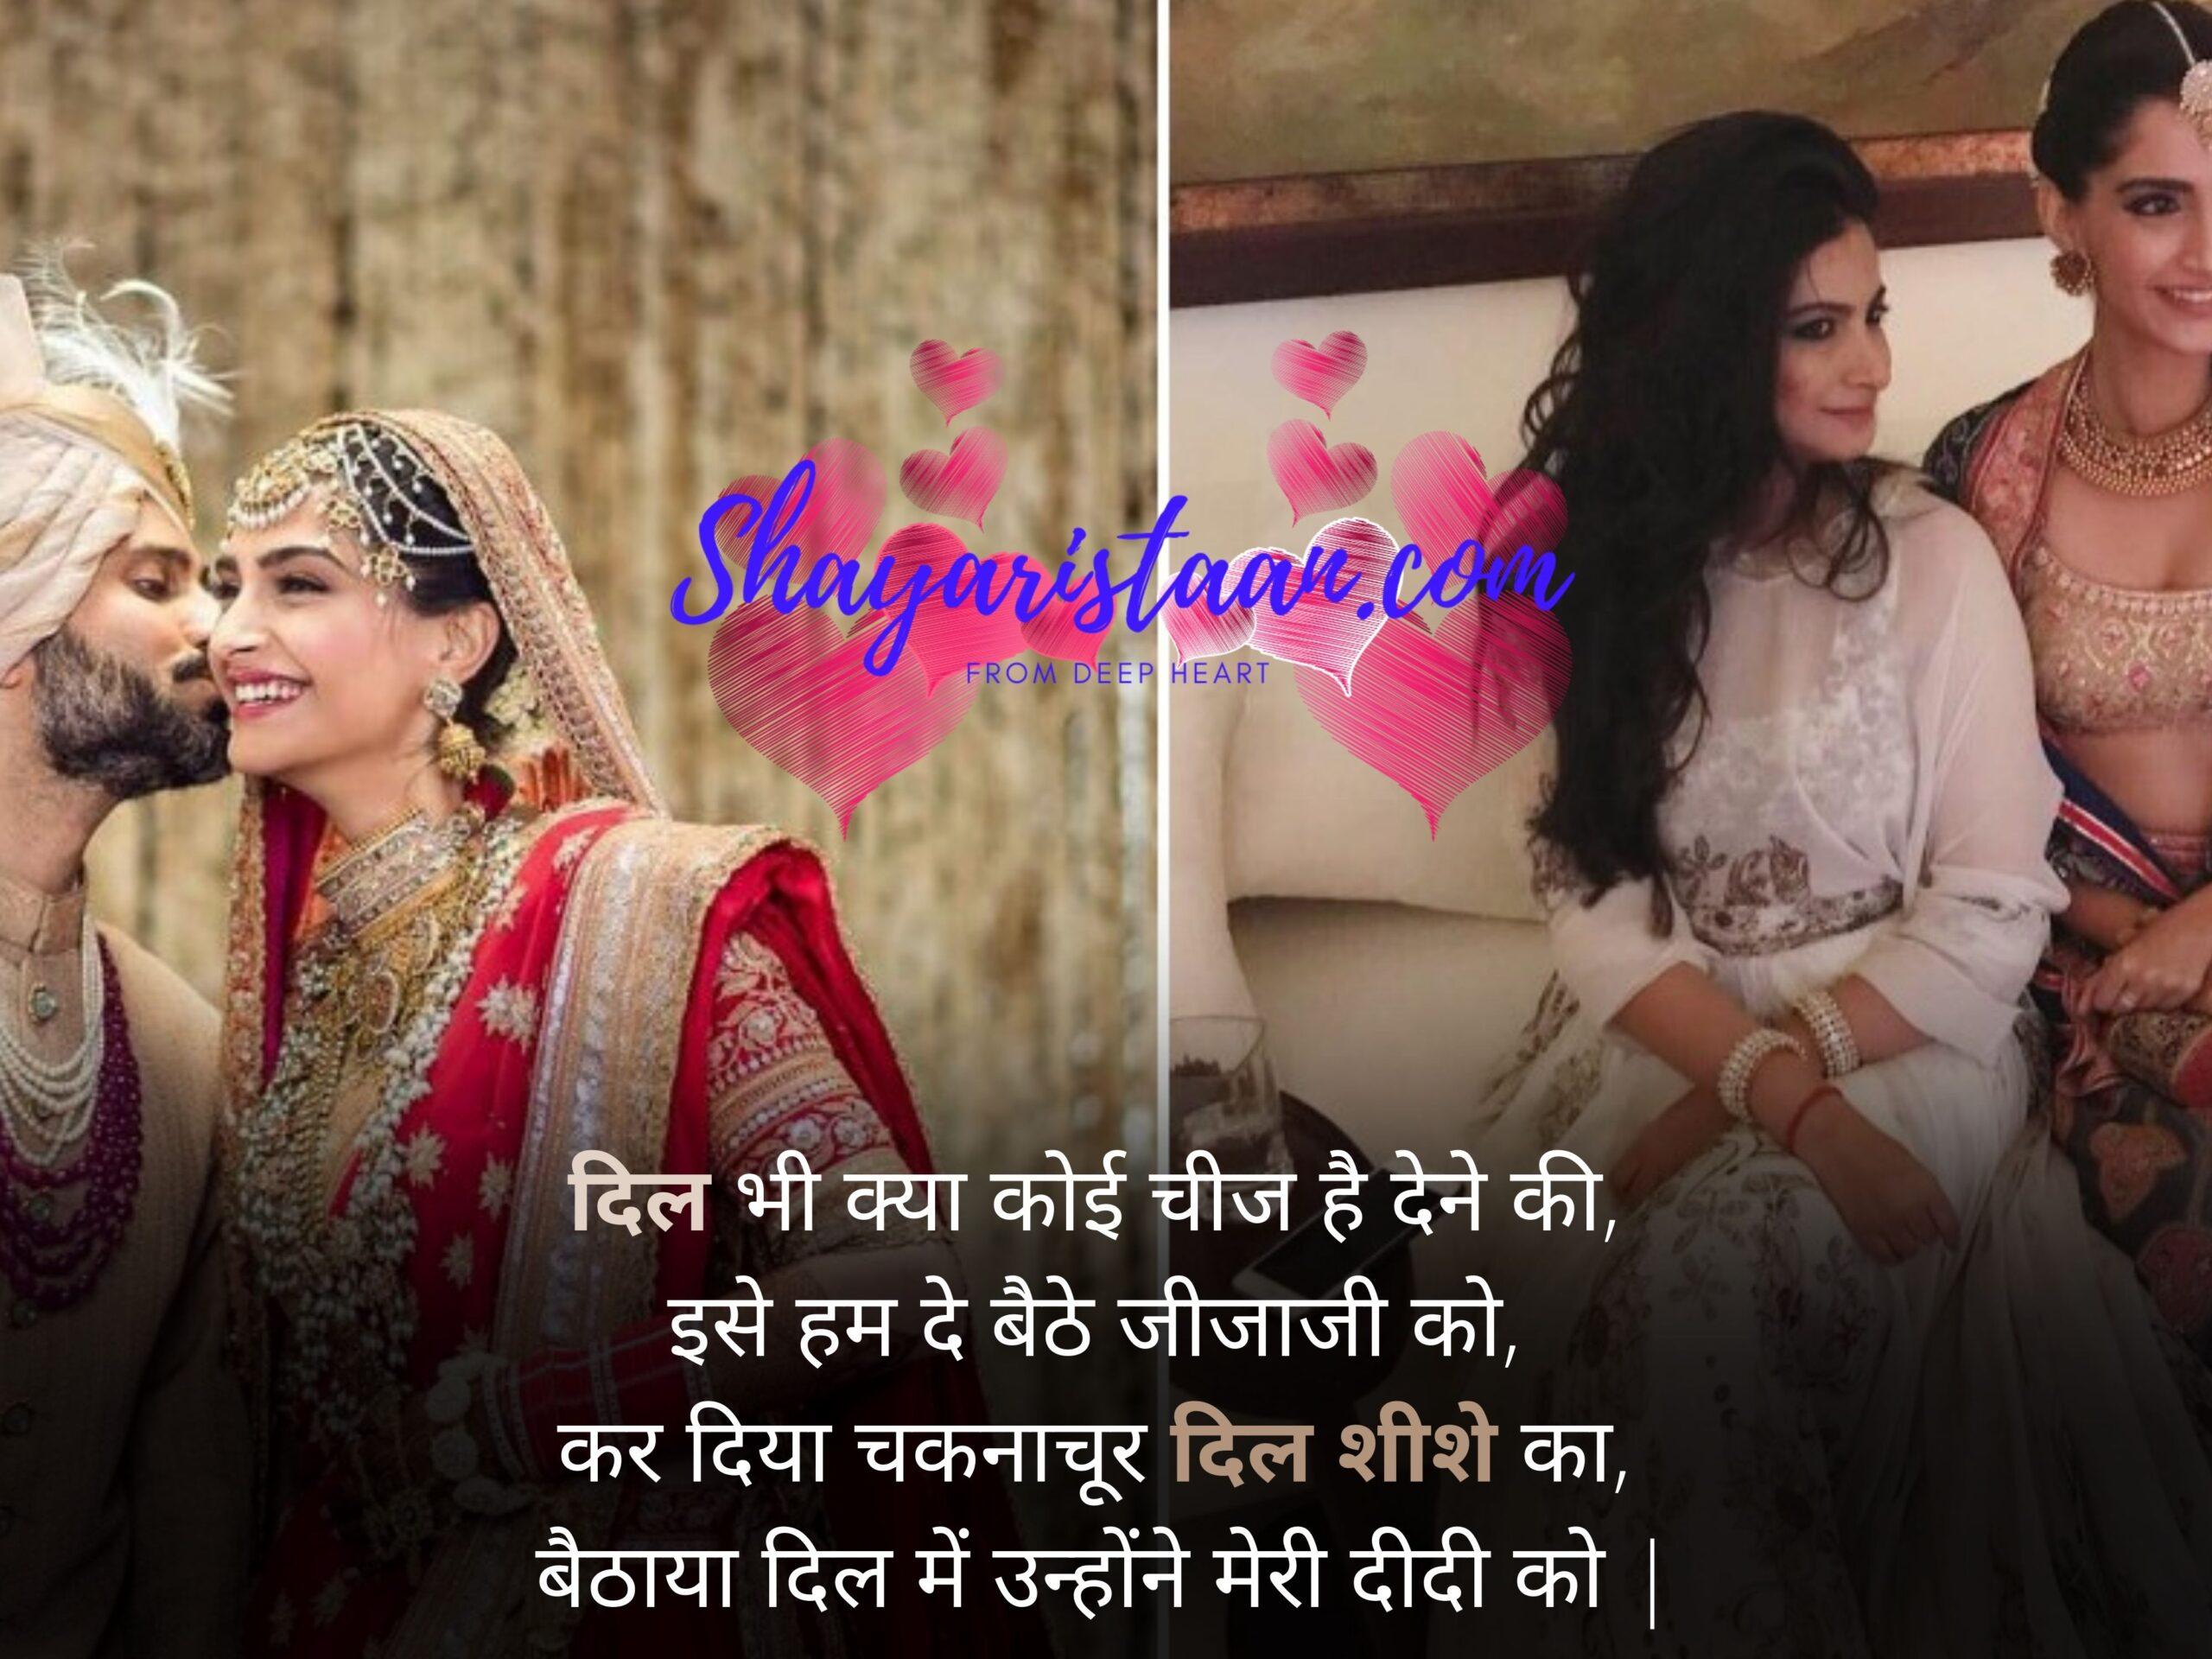 jija sali sms hindi   दिल भी क्या कोई चीज है देने की, इसे हम दे बैठे जीजाजी को, कर दिया चकनाचूर दिल शीशे का, बैठाया दिल में उन्होंने मेरी दीदी को  